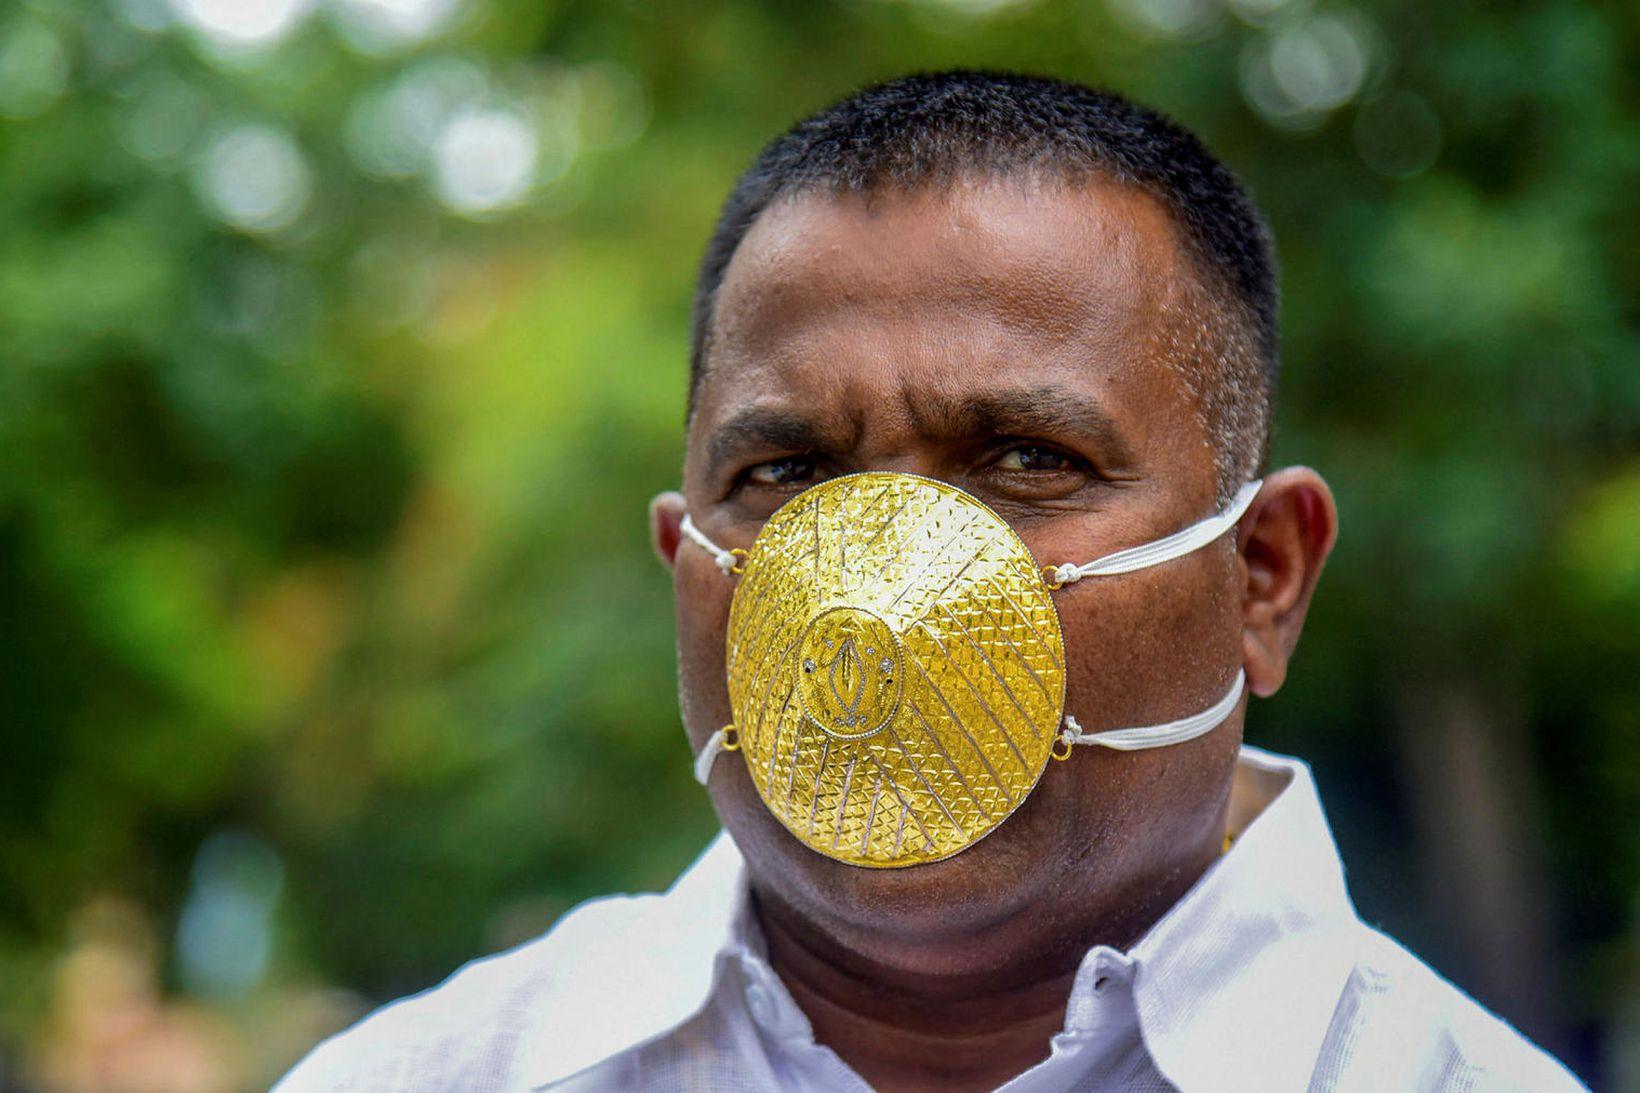 Shankar Kurhade með gullgrímuna, sem er sem betur fer með …